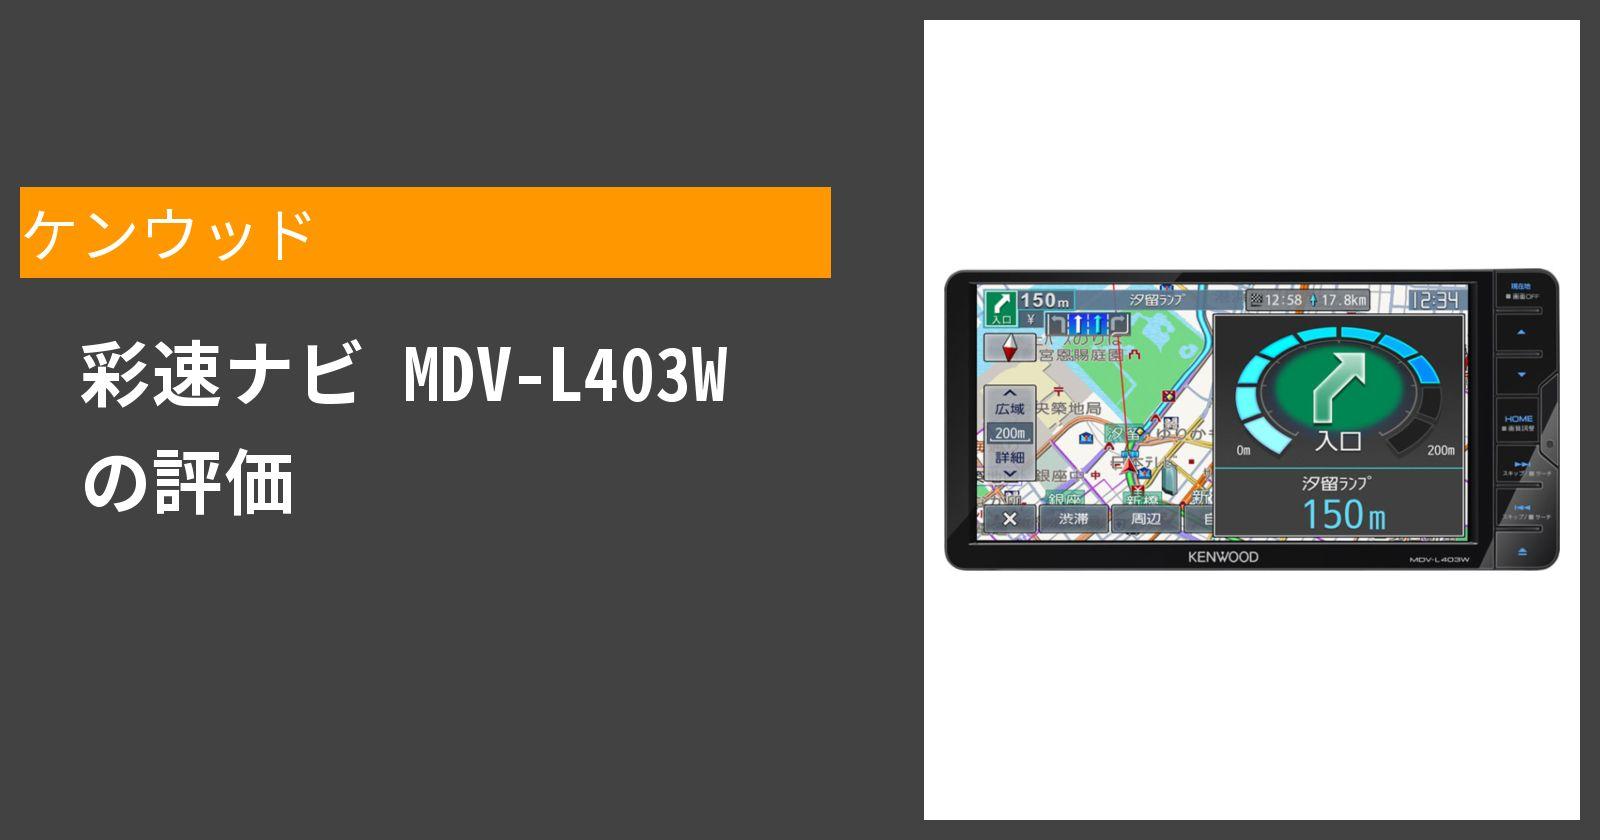 彩速ナビ MDV-L403Wを徹底評価